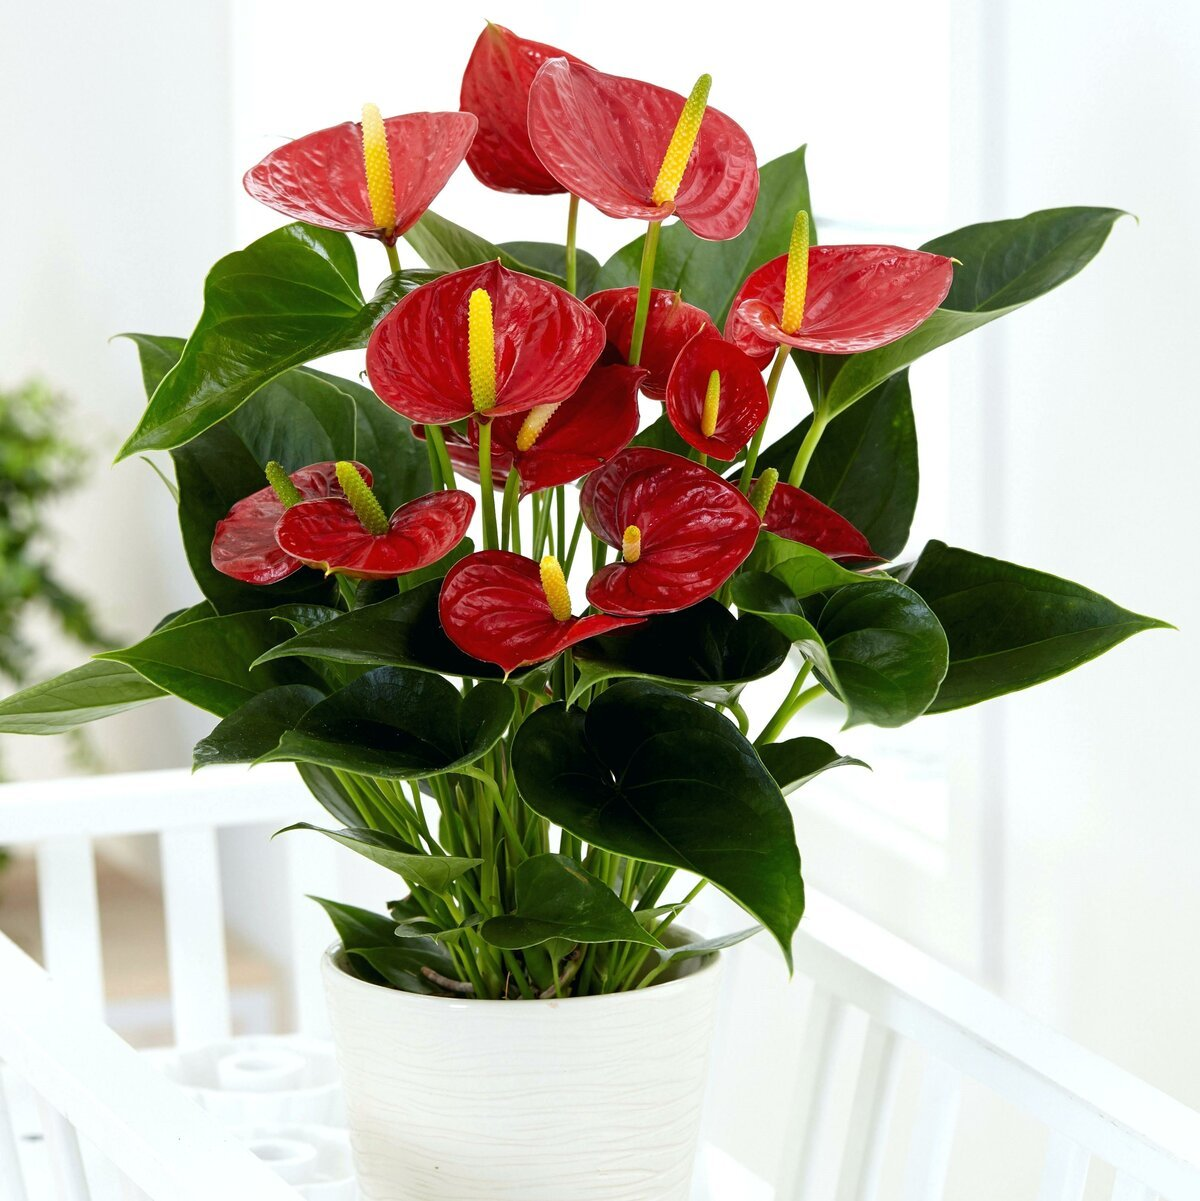 Цветок мужское счастье фото приметы